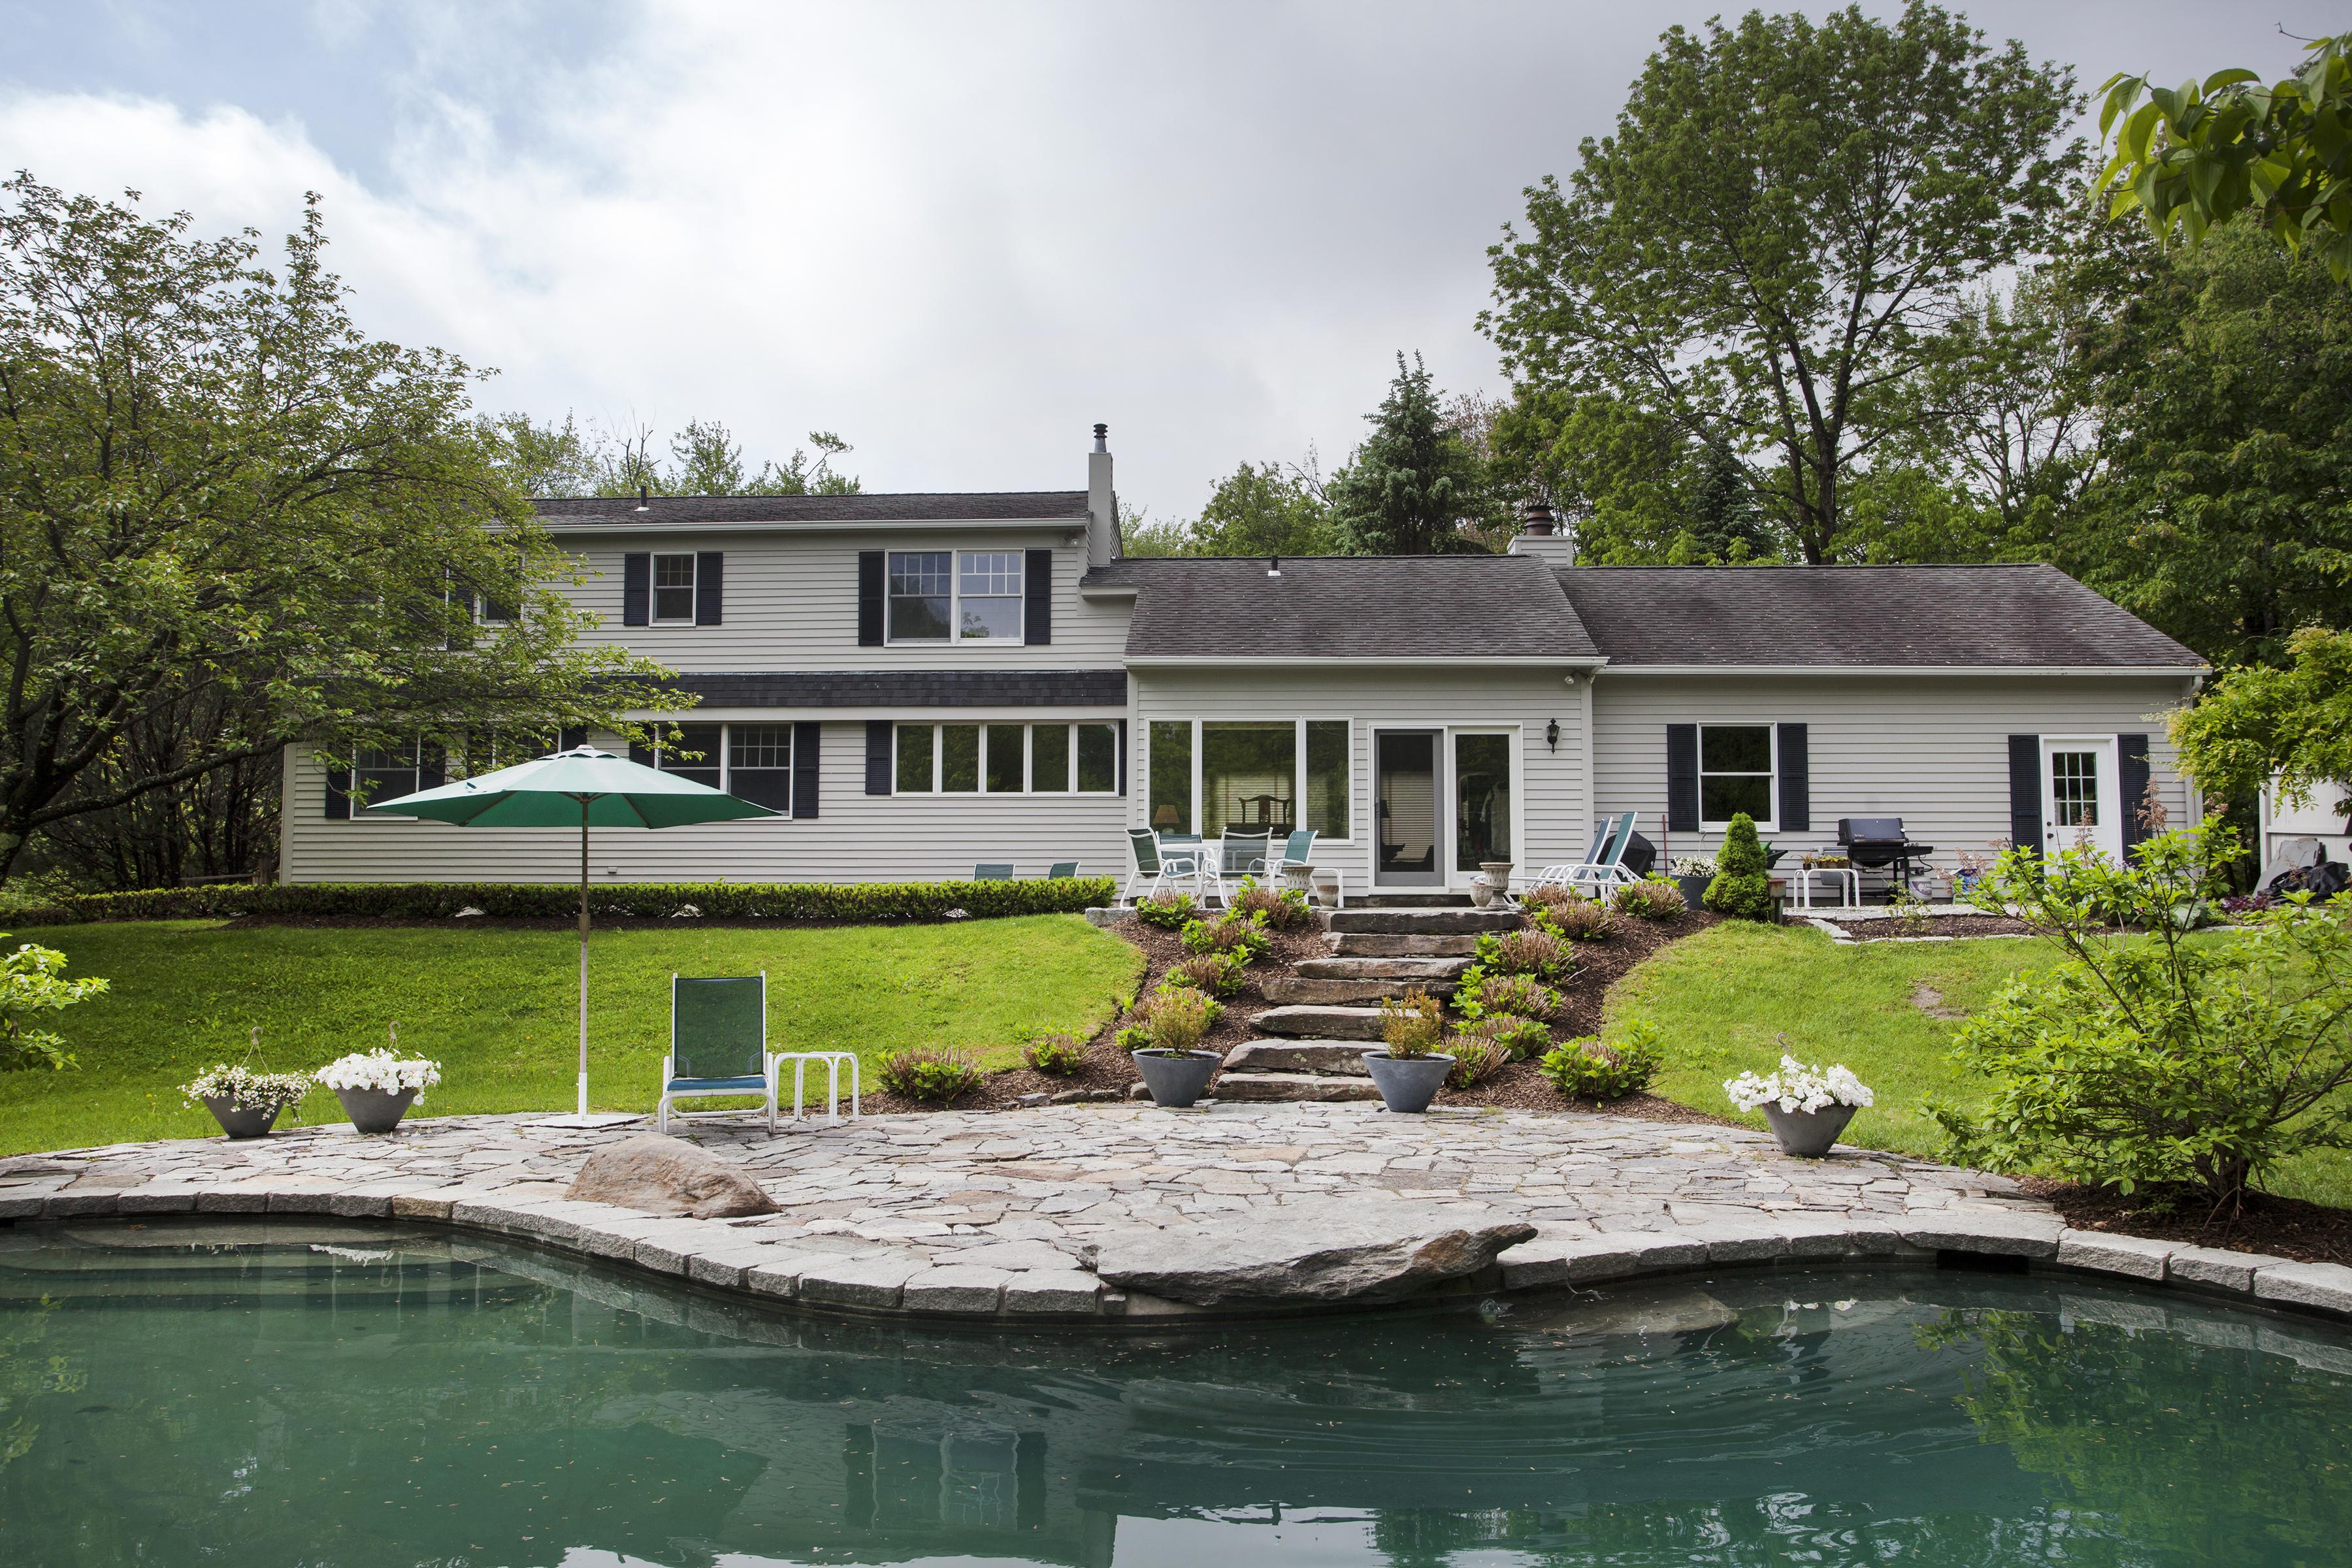 Maison unifamiliale pour l Vente à Privacy & Perfection 200 Brick School Road Warren, Connecticut 06754 États-Unis